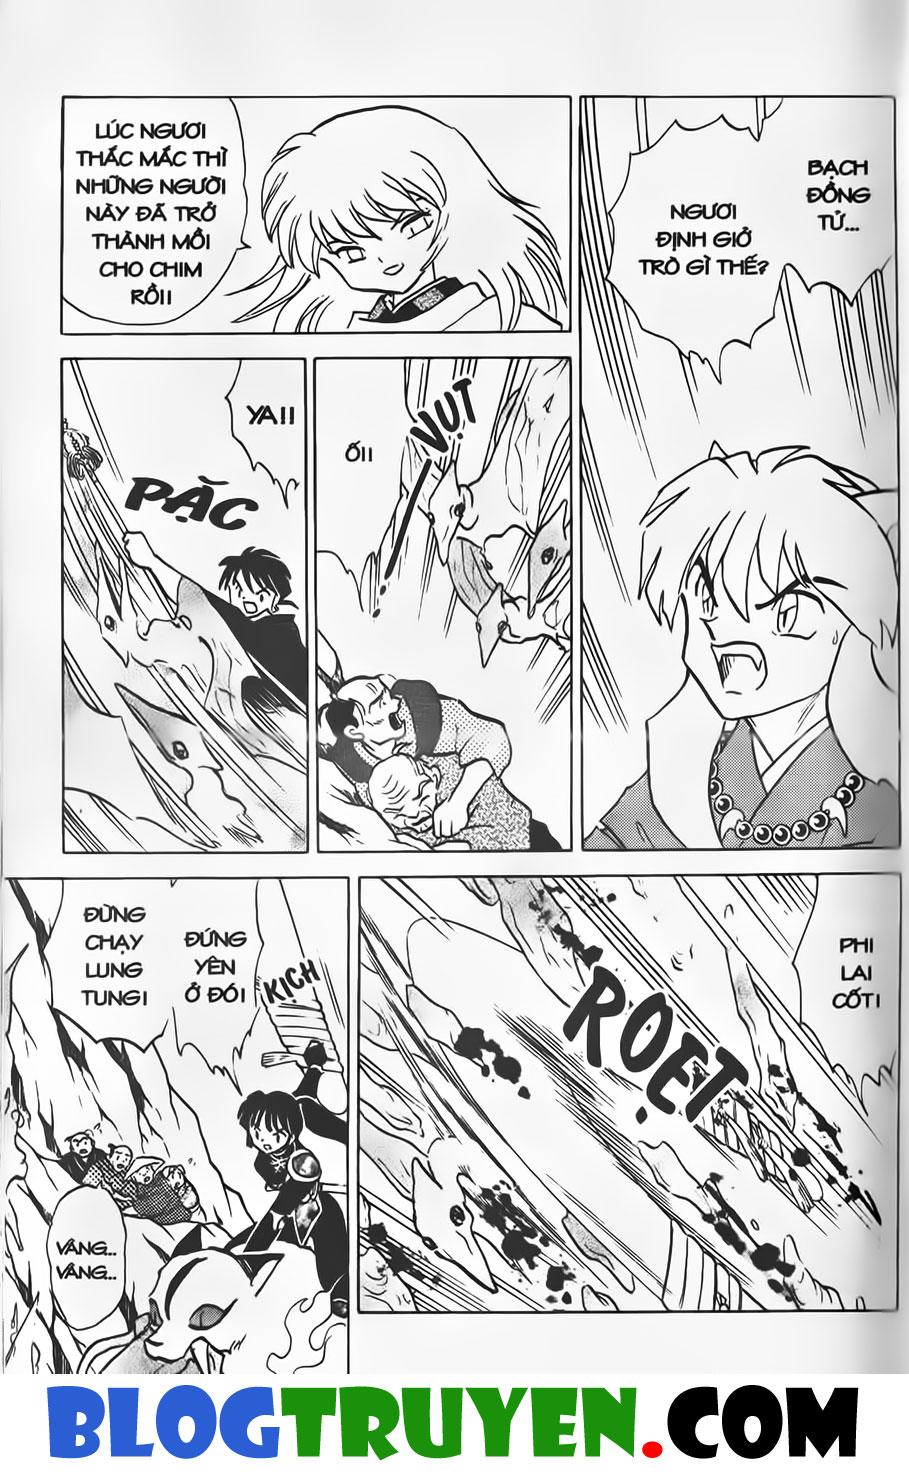 Inuyasha vol 31.6 trang 14